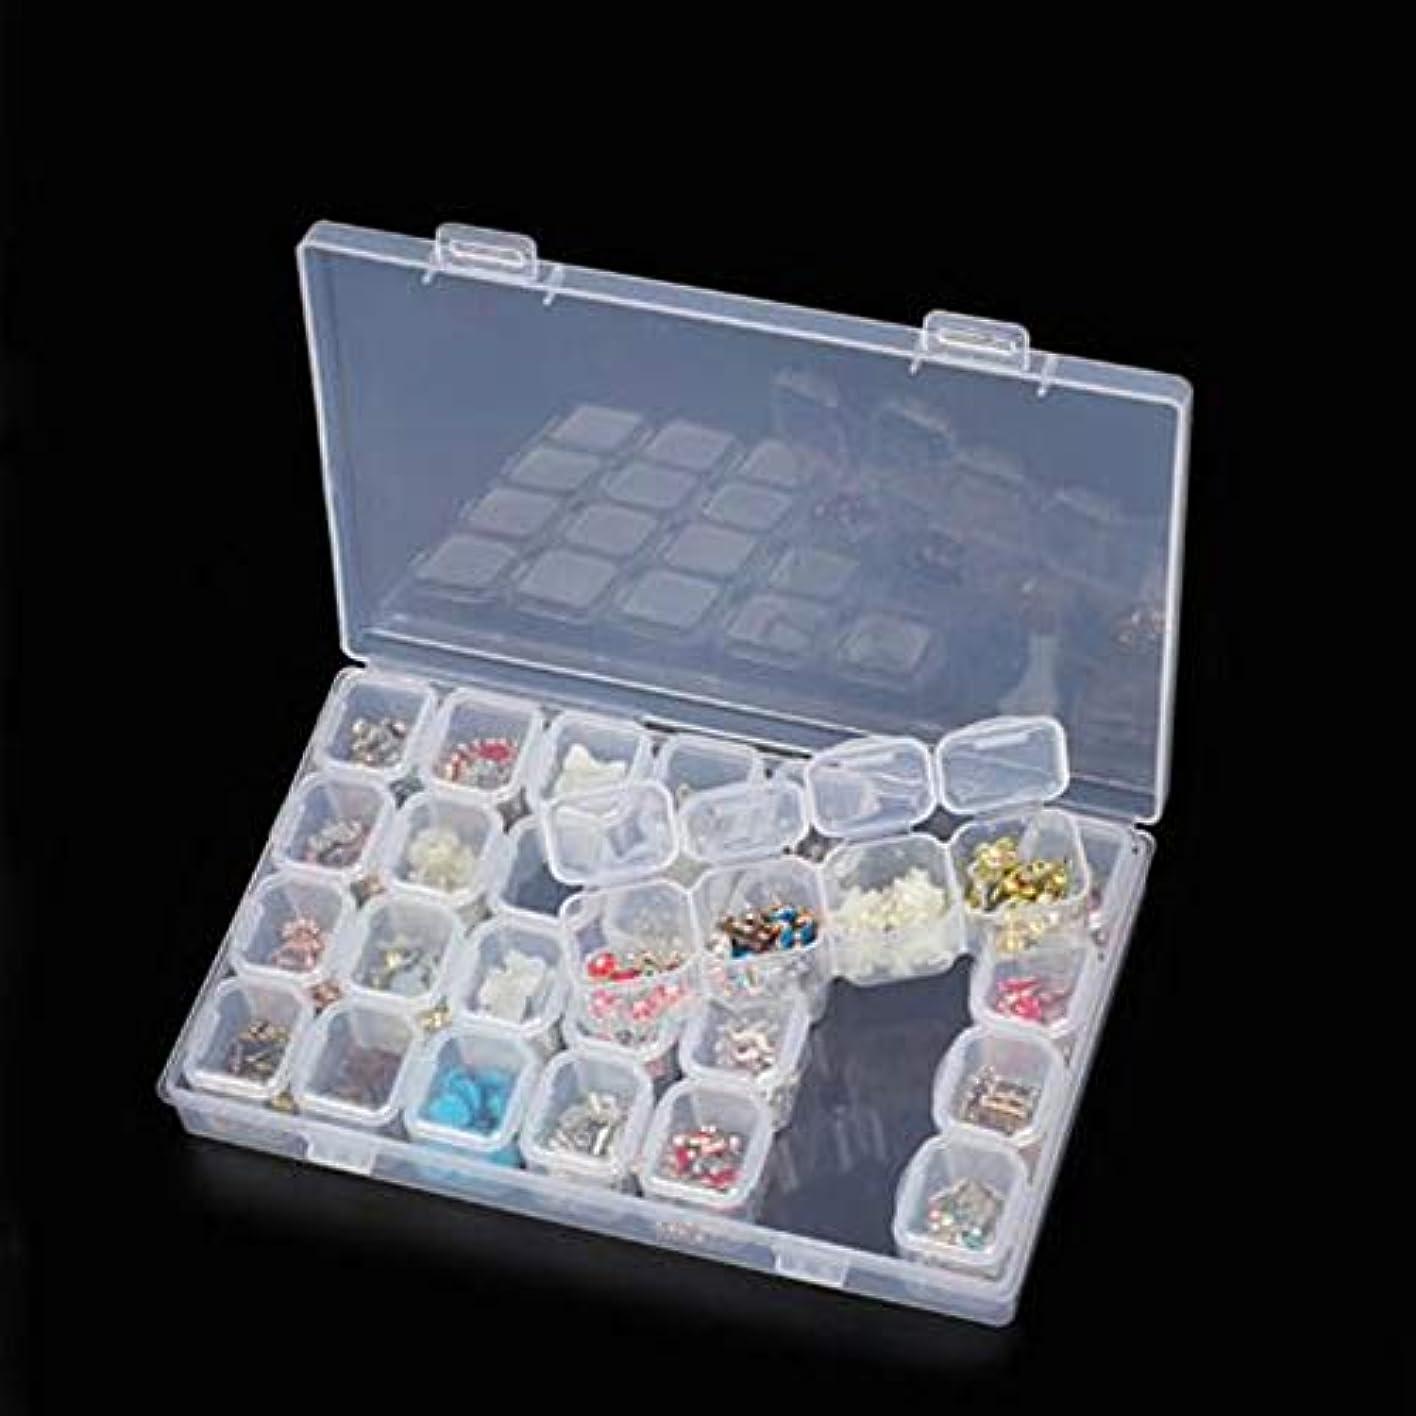 AAcreatspace 28スロットプラスチック収納ボックスダイヤモンド塗装キットネイルアートラインストーンツールビーズ収納ボックスケースオーガナイザーホルダー